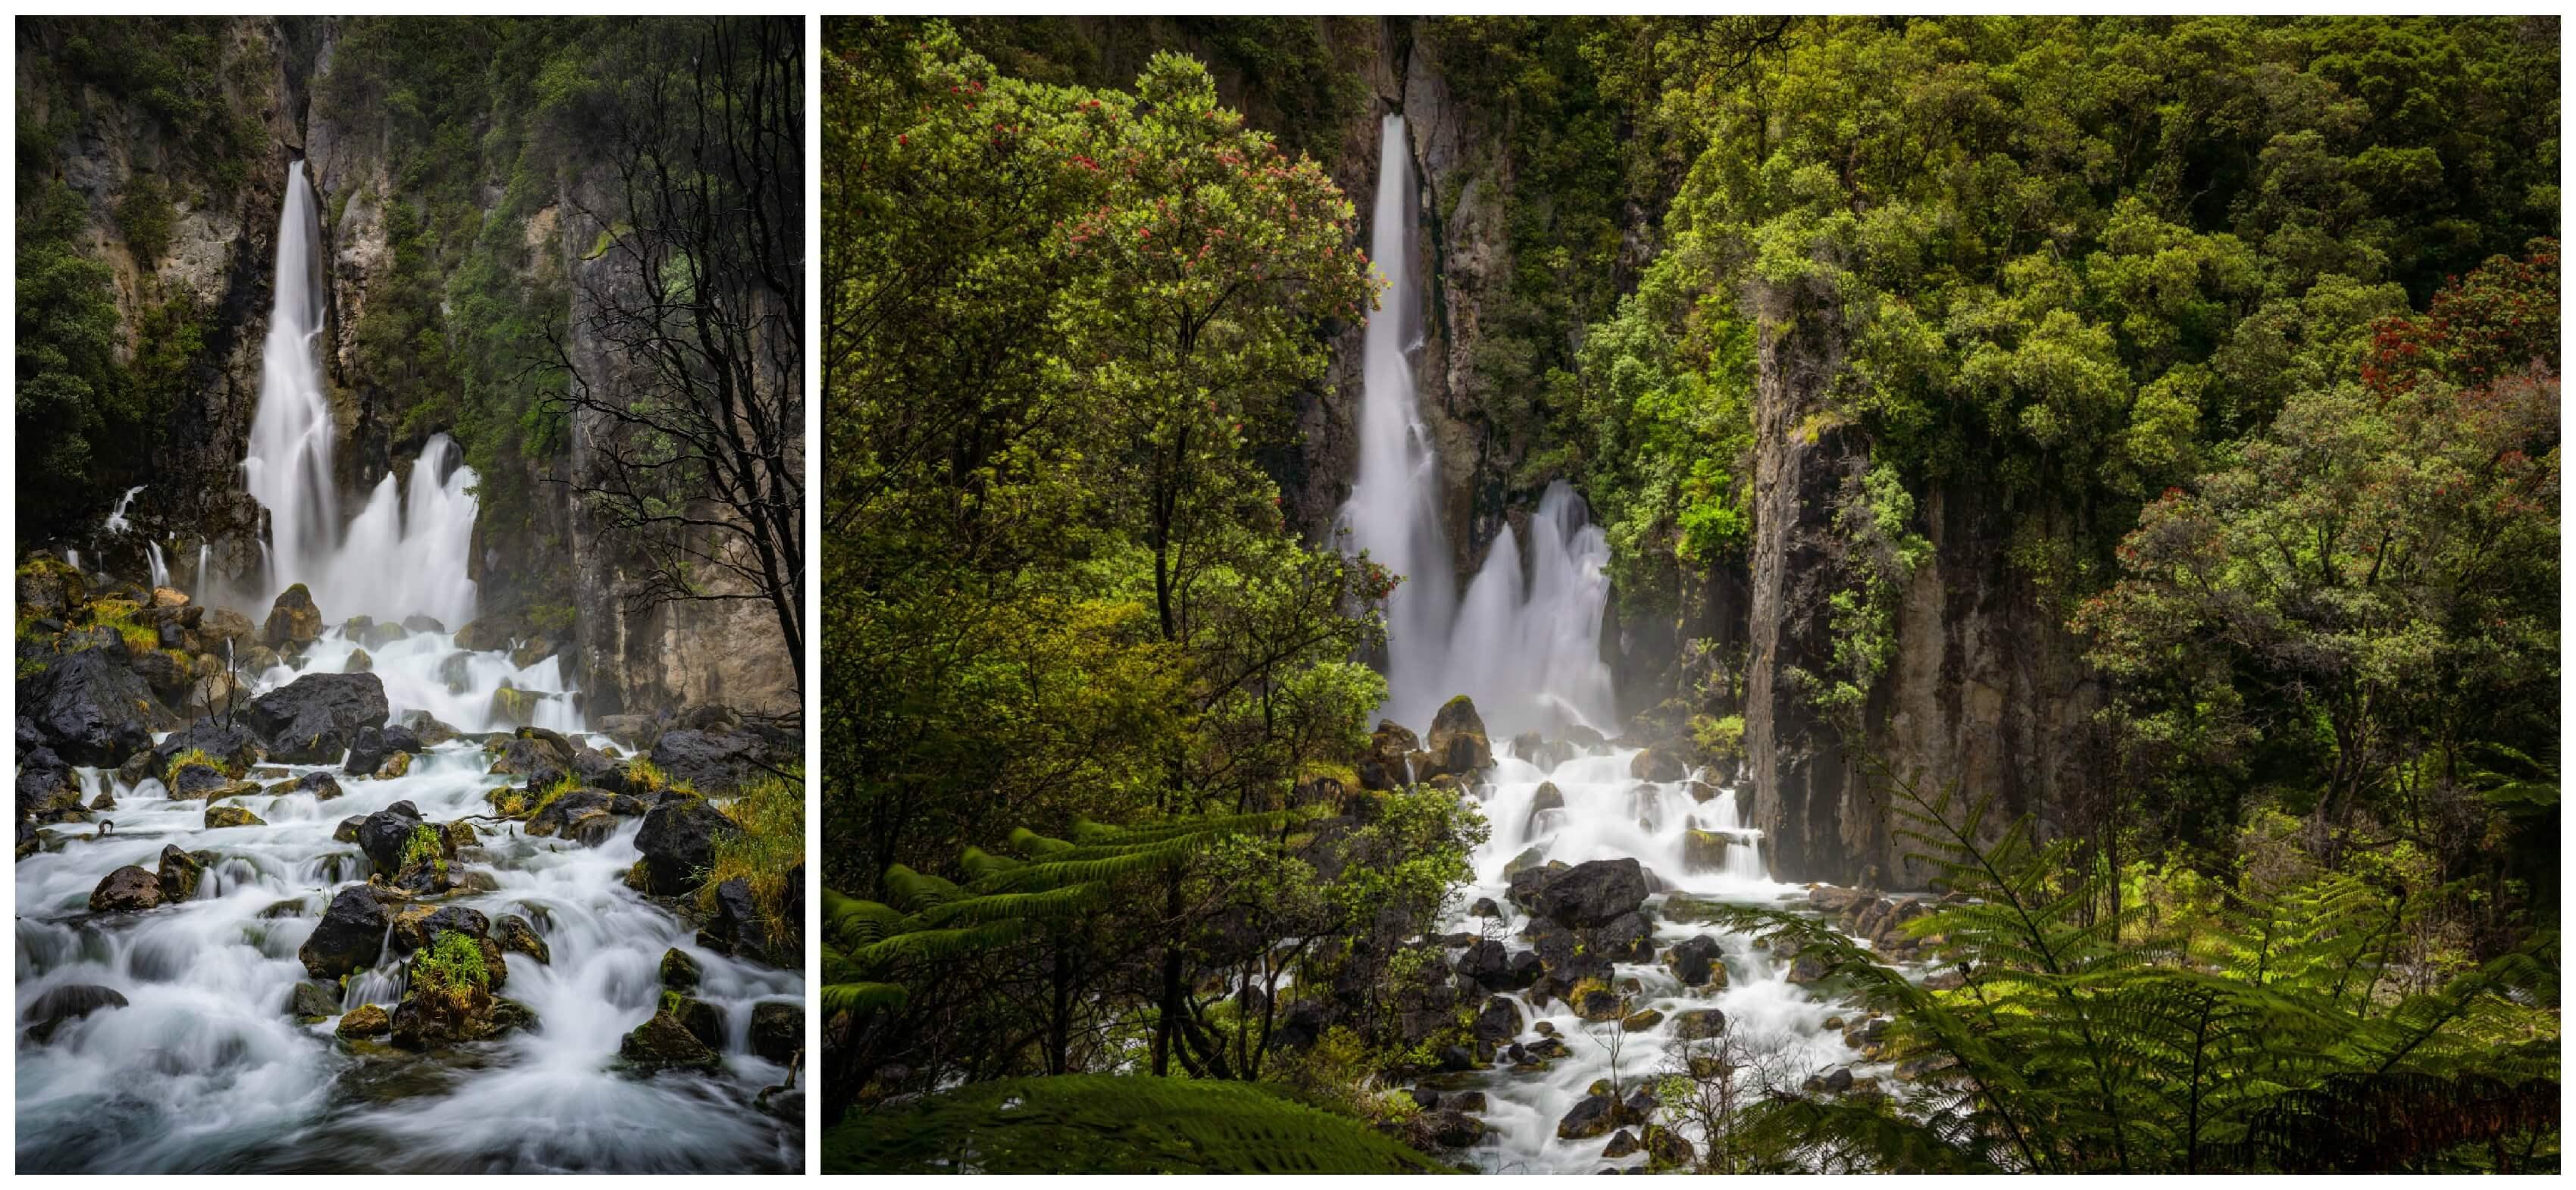 Tarawera Falls Powerful Flow